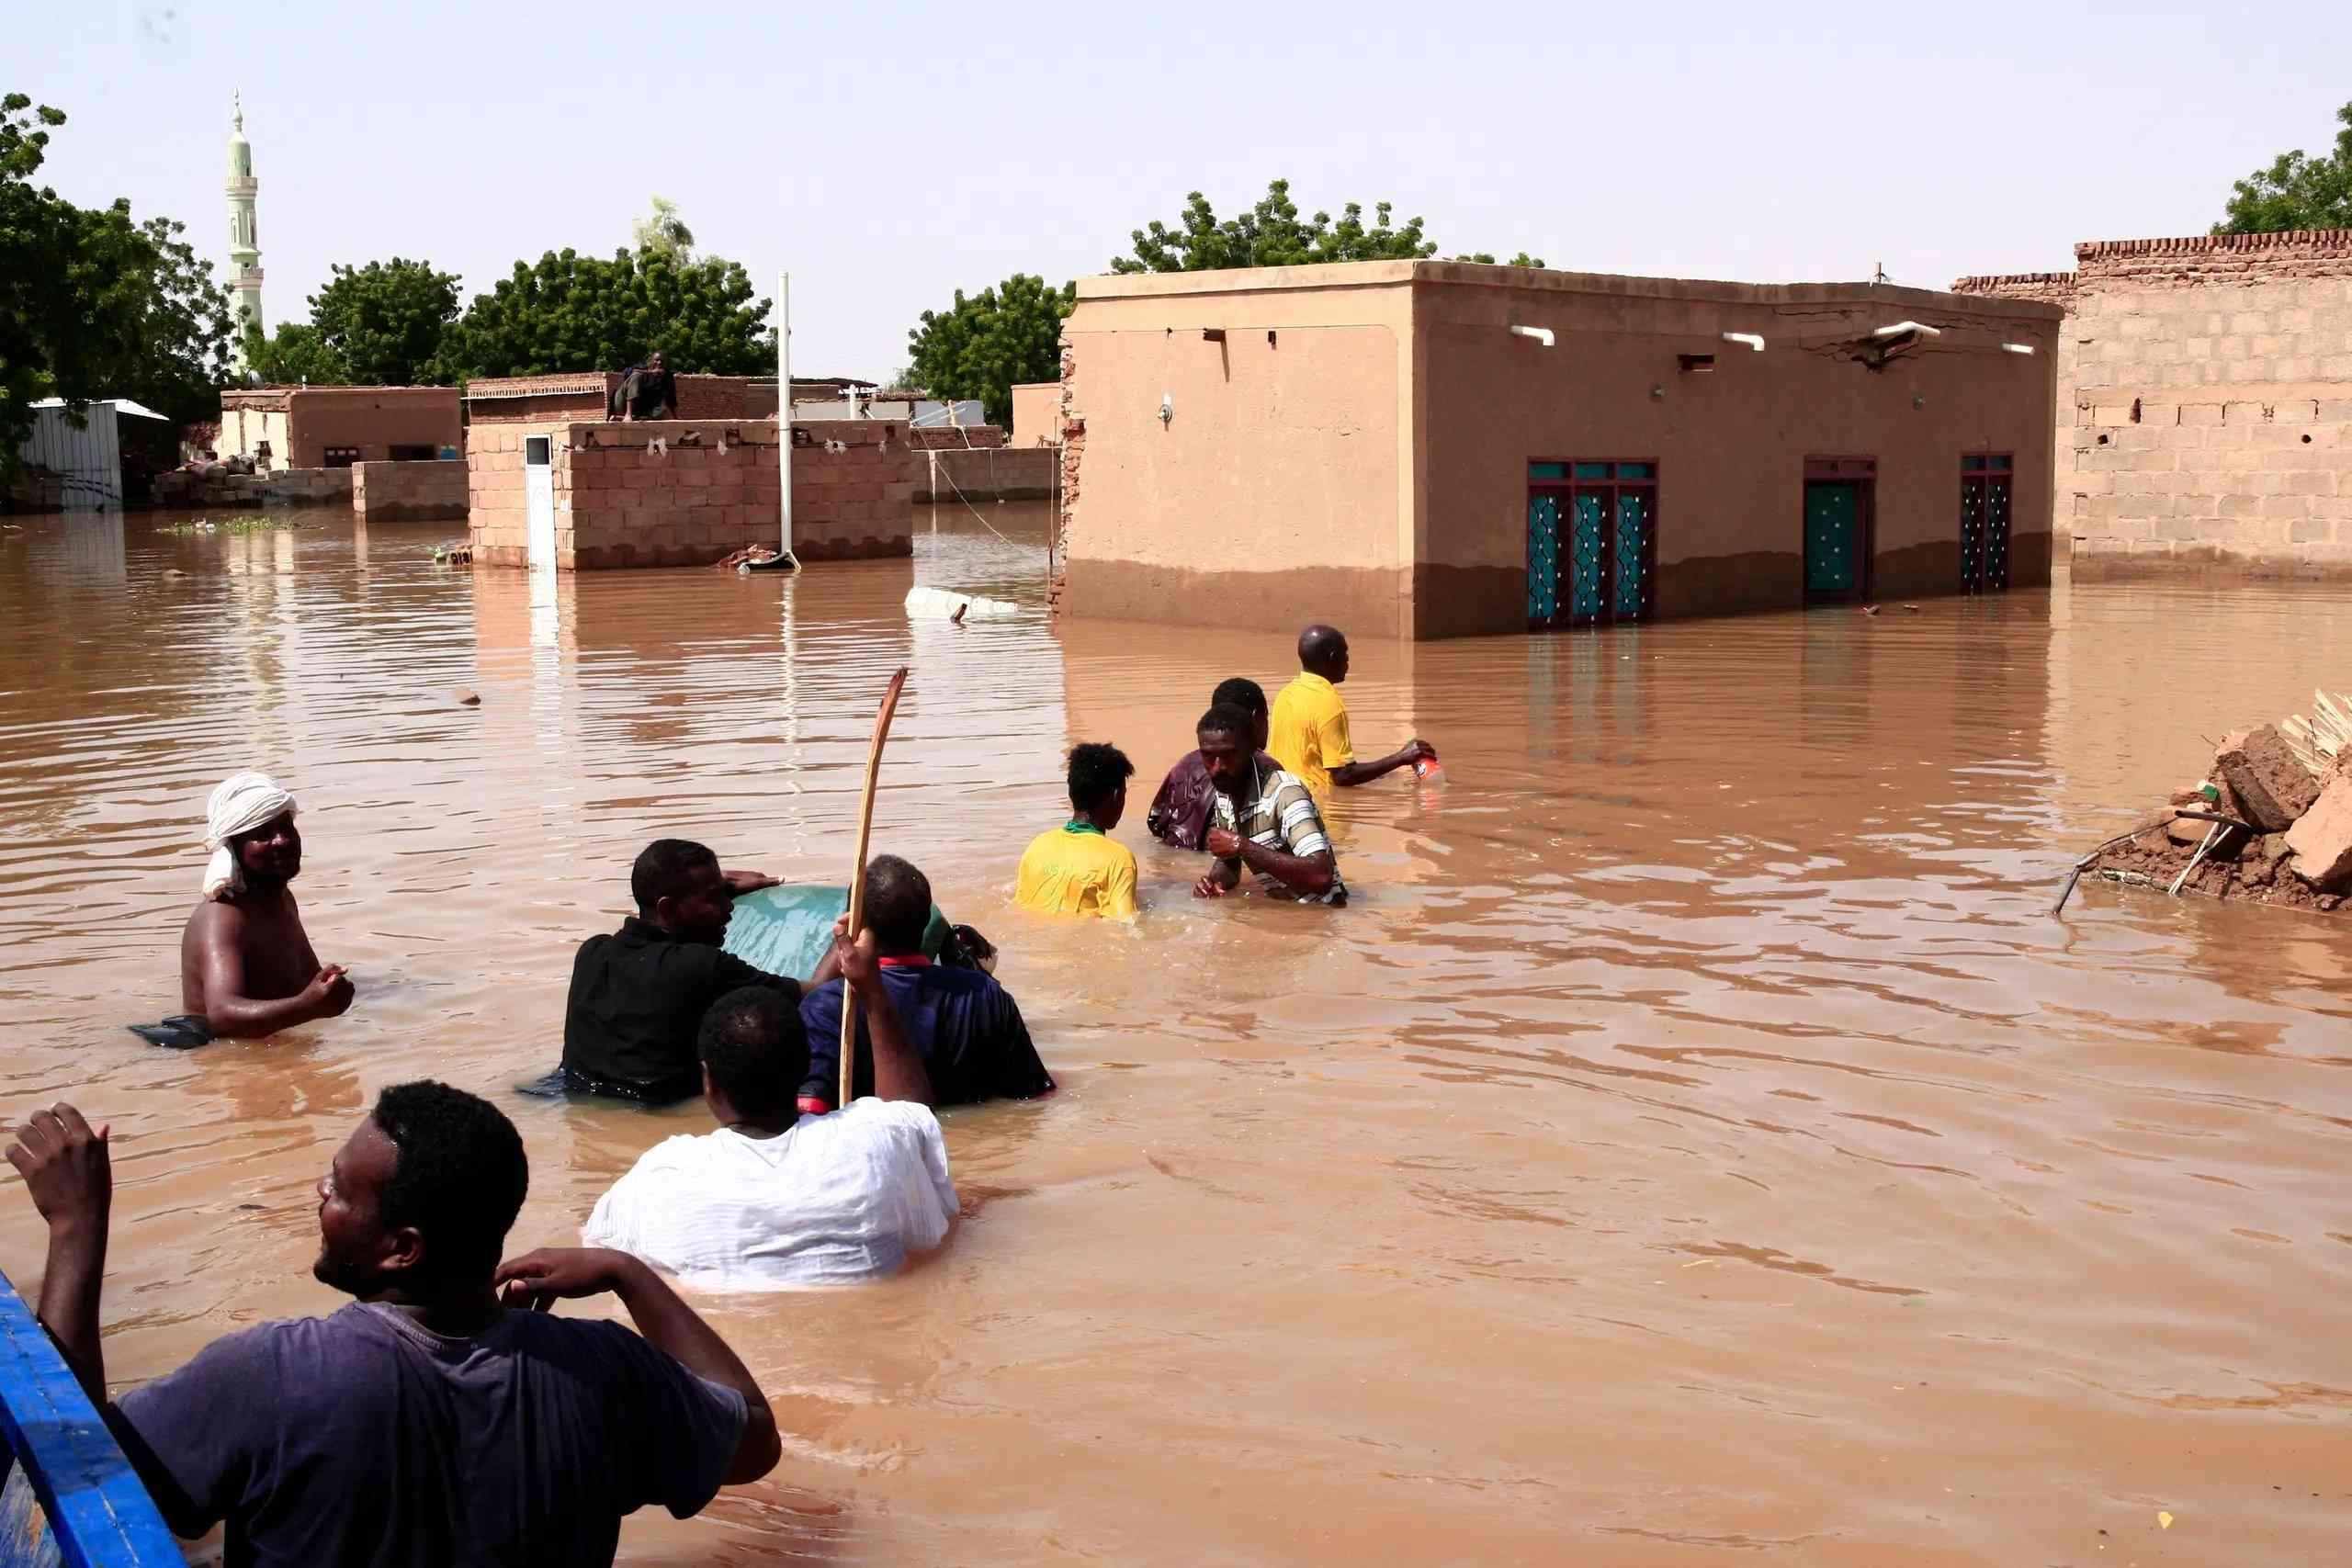 """السودان: """"الفيضان"""" هو الأضخم في التاريخ ونتوقع انخفاض منسوب مياه النيل"""